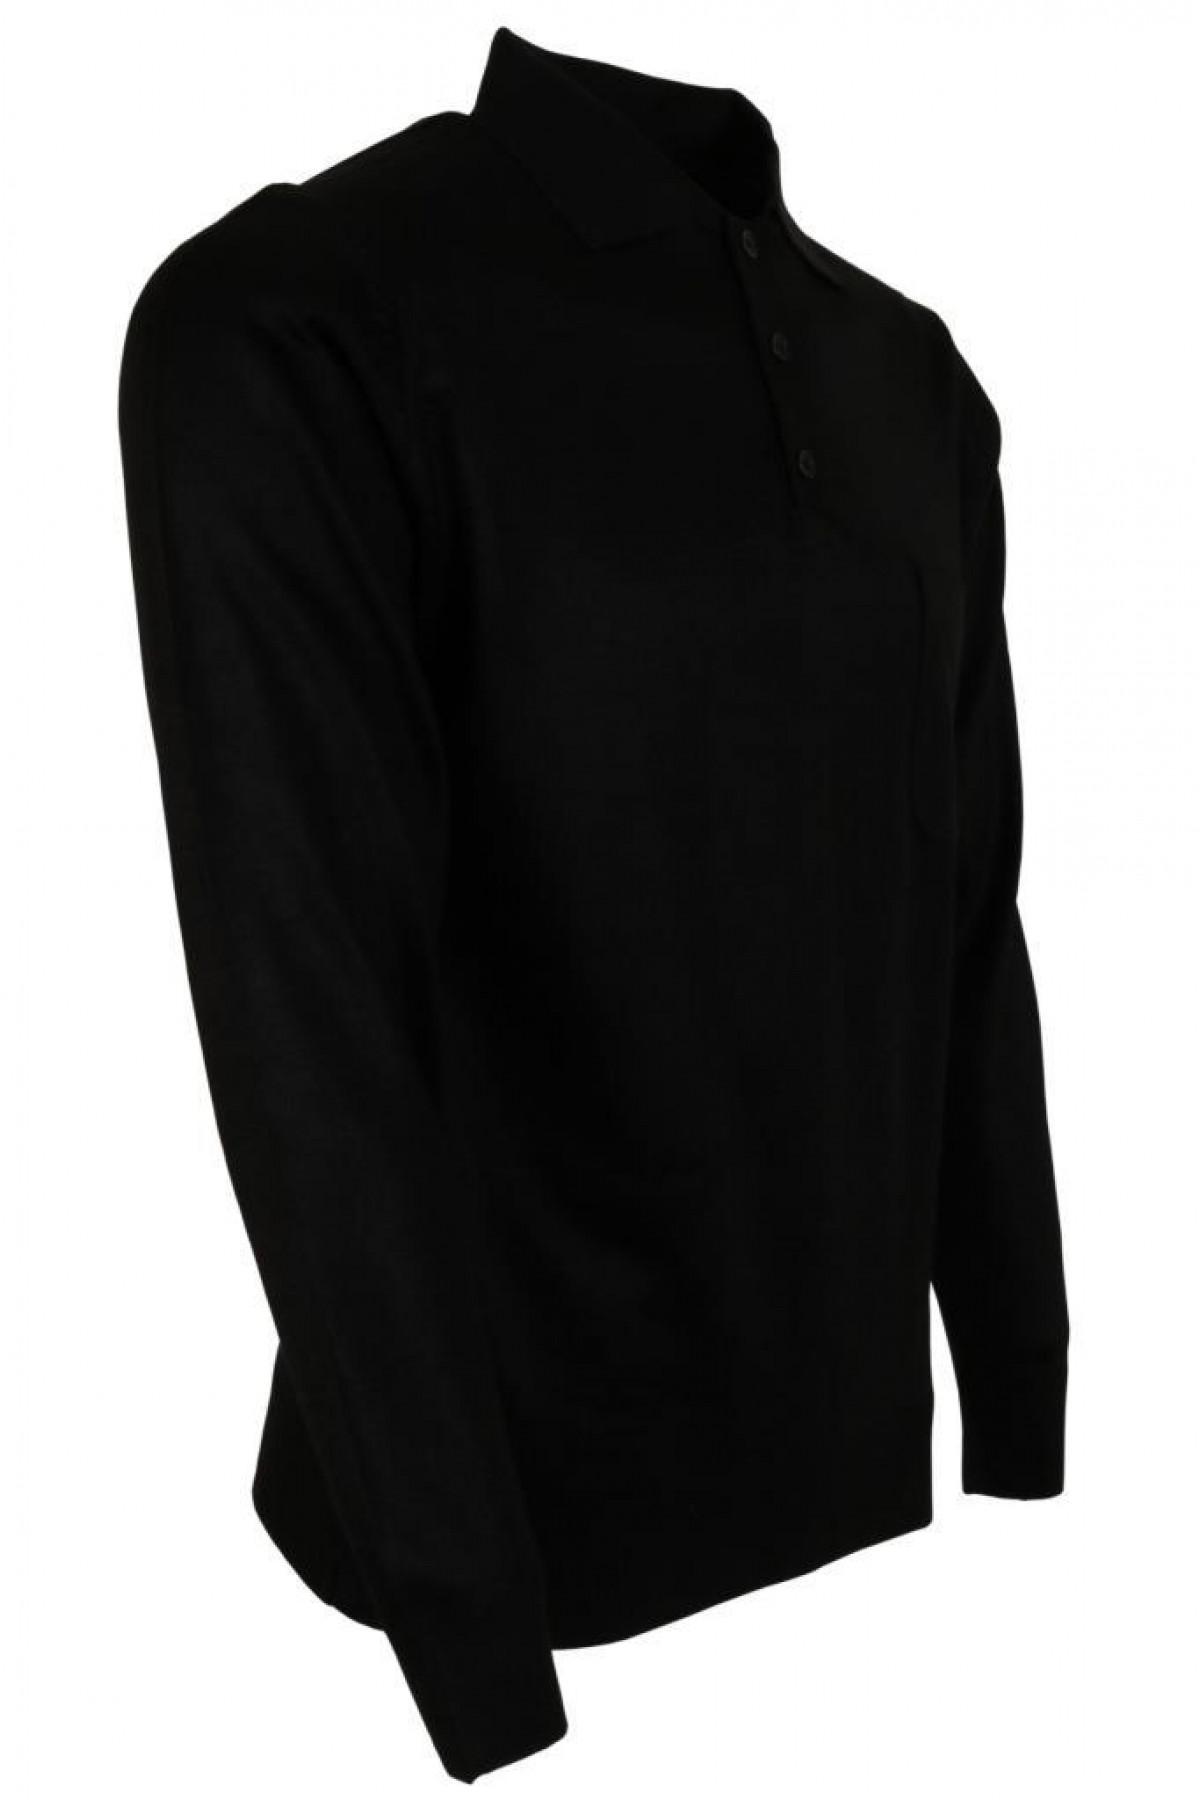 Erkek Siyah Kazak Polo Yaka Yünlü Klasik Normal Kesim RAR00645